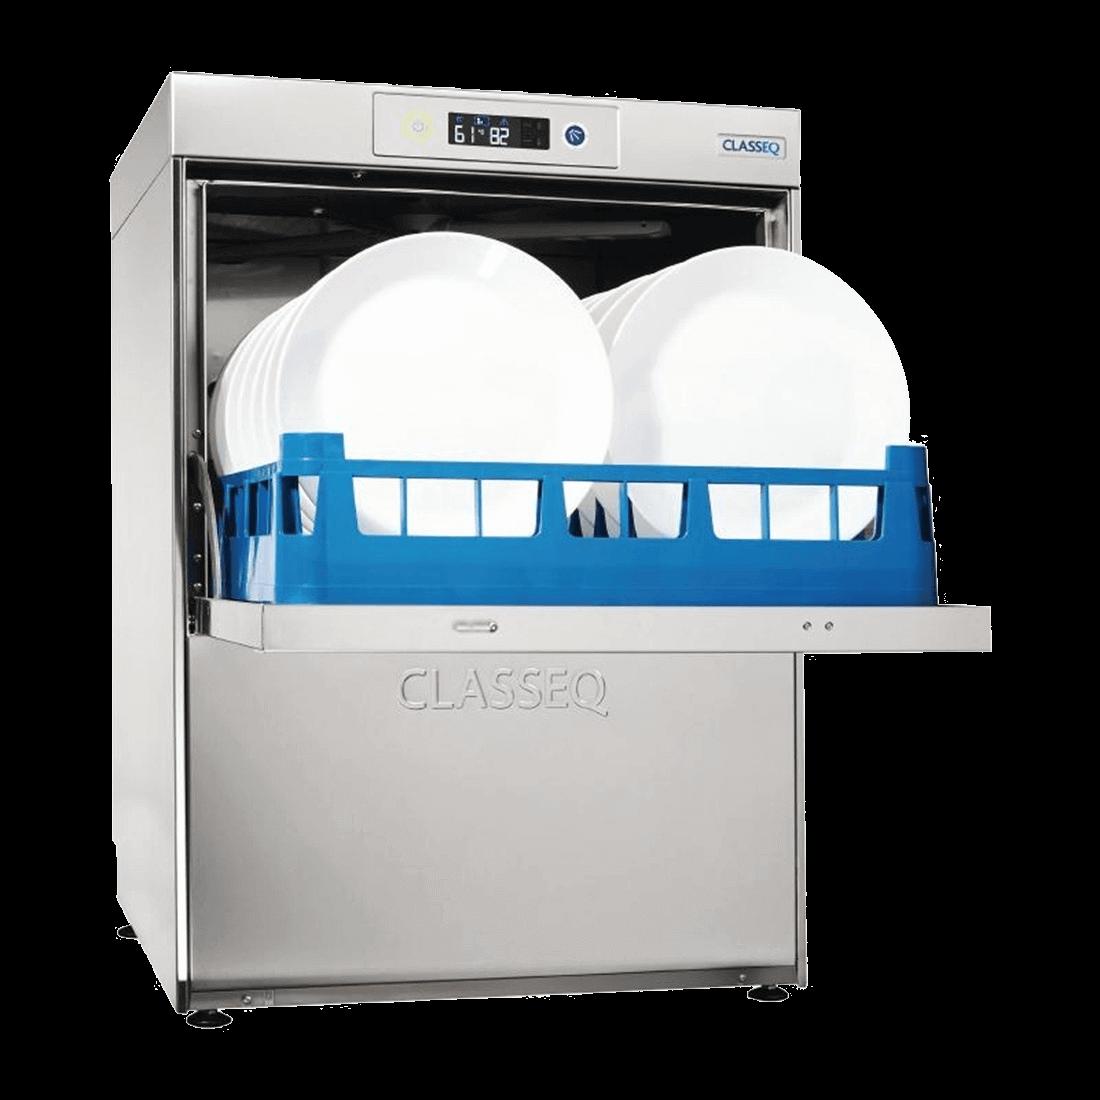 Free Png Downloads Konfest Commercial Dishwasher Dishwasher Water Softener